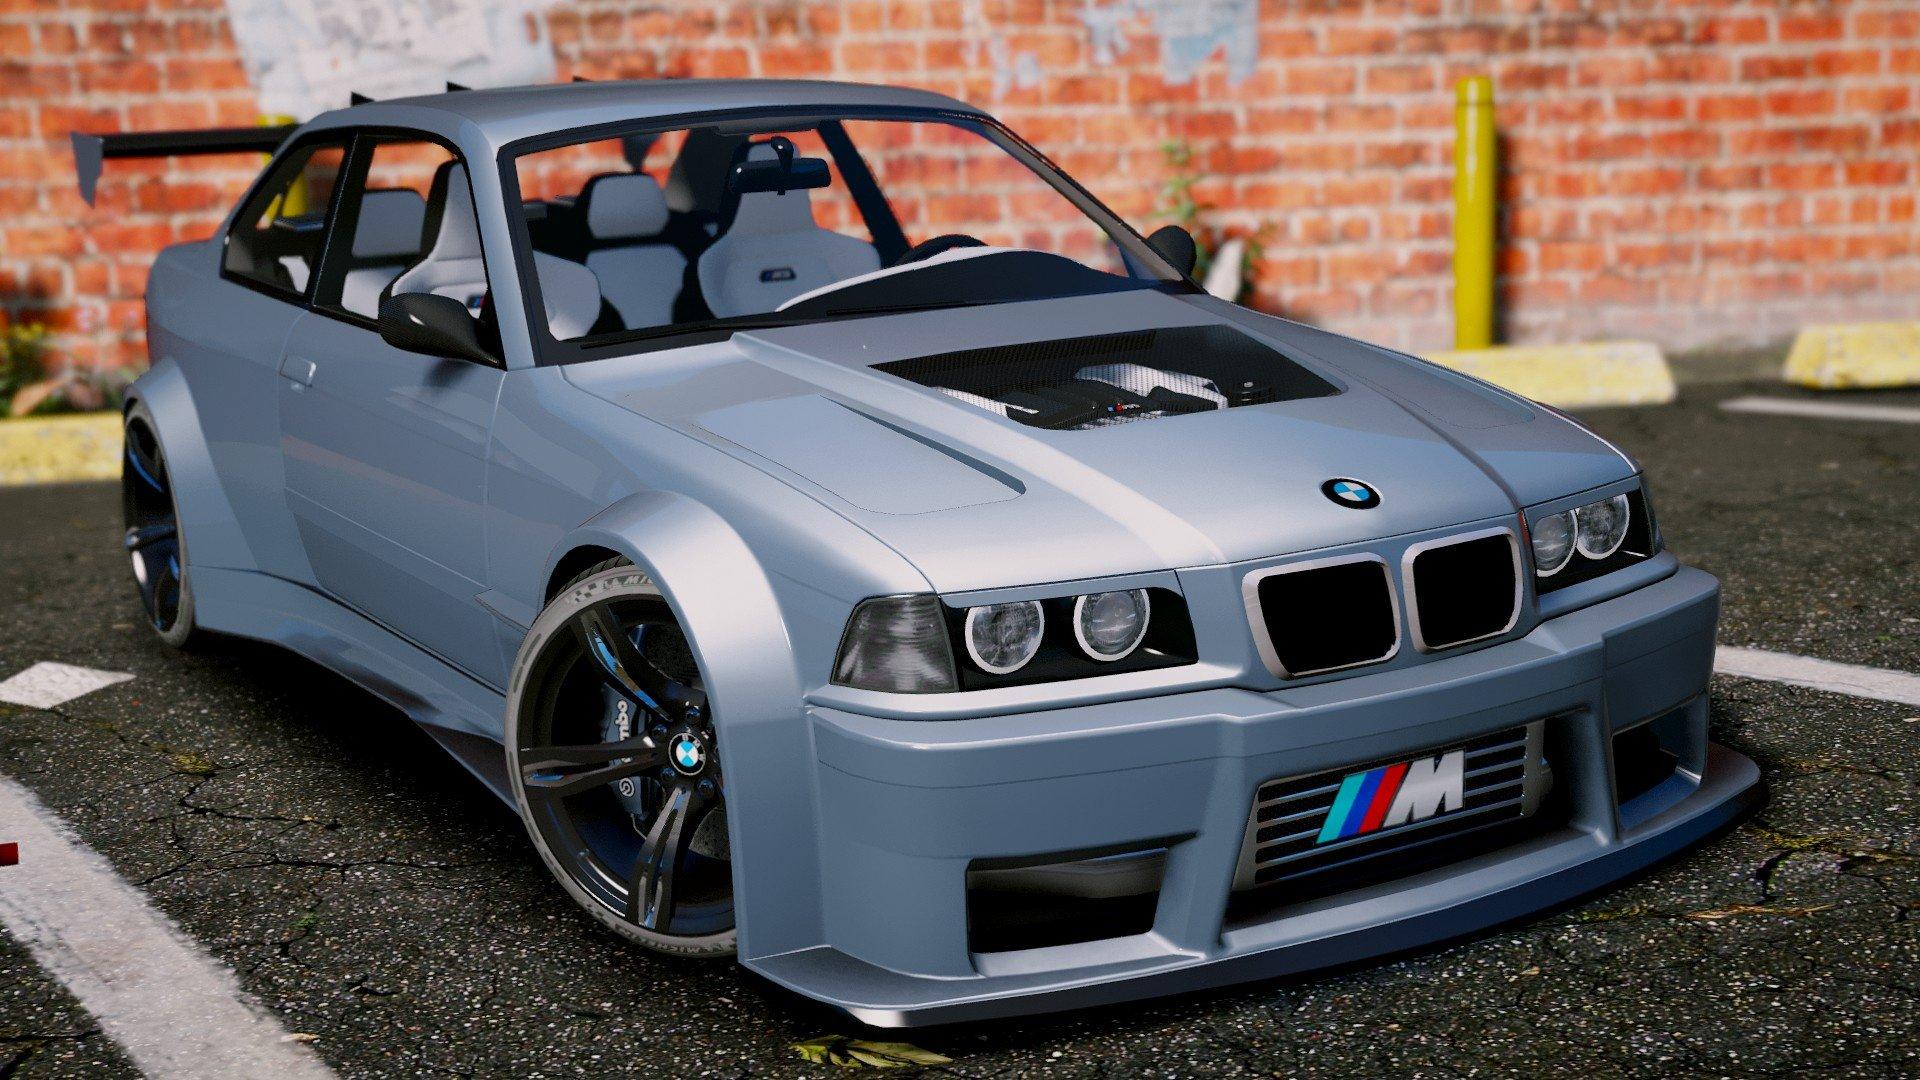 BMW M3 E36 V8 Biturbo